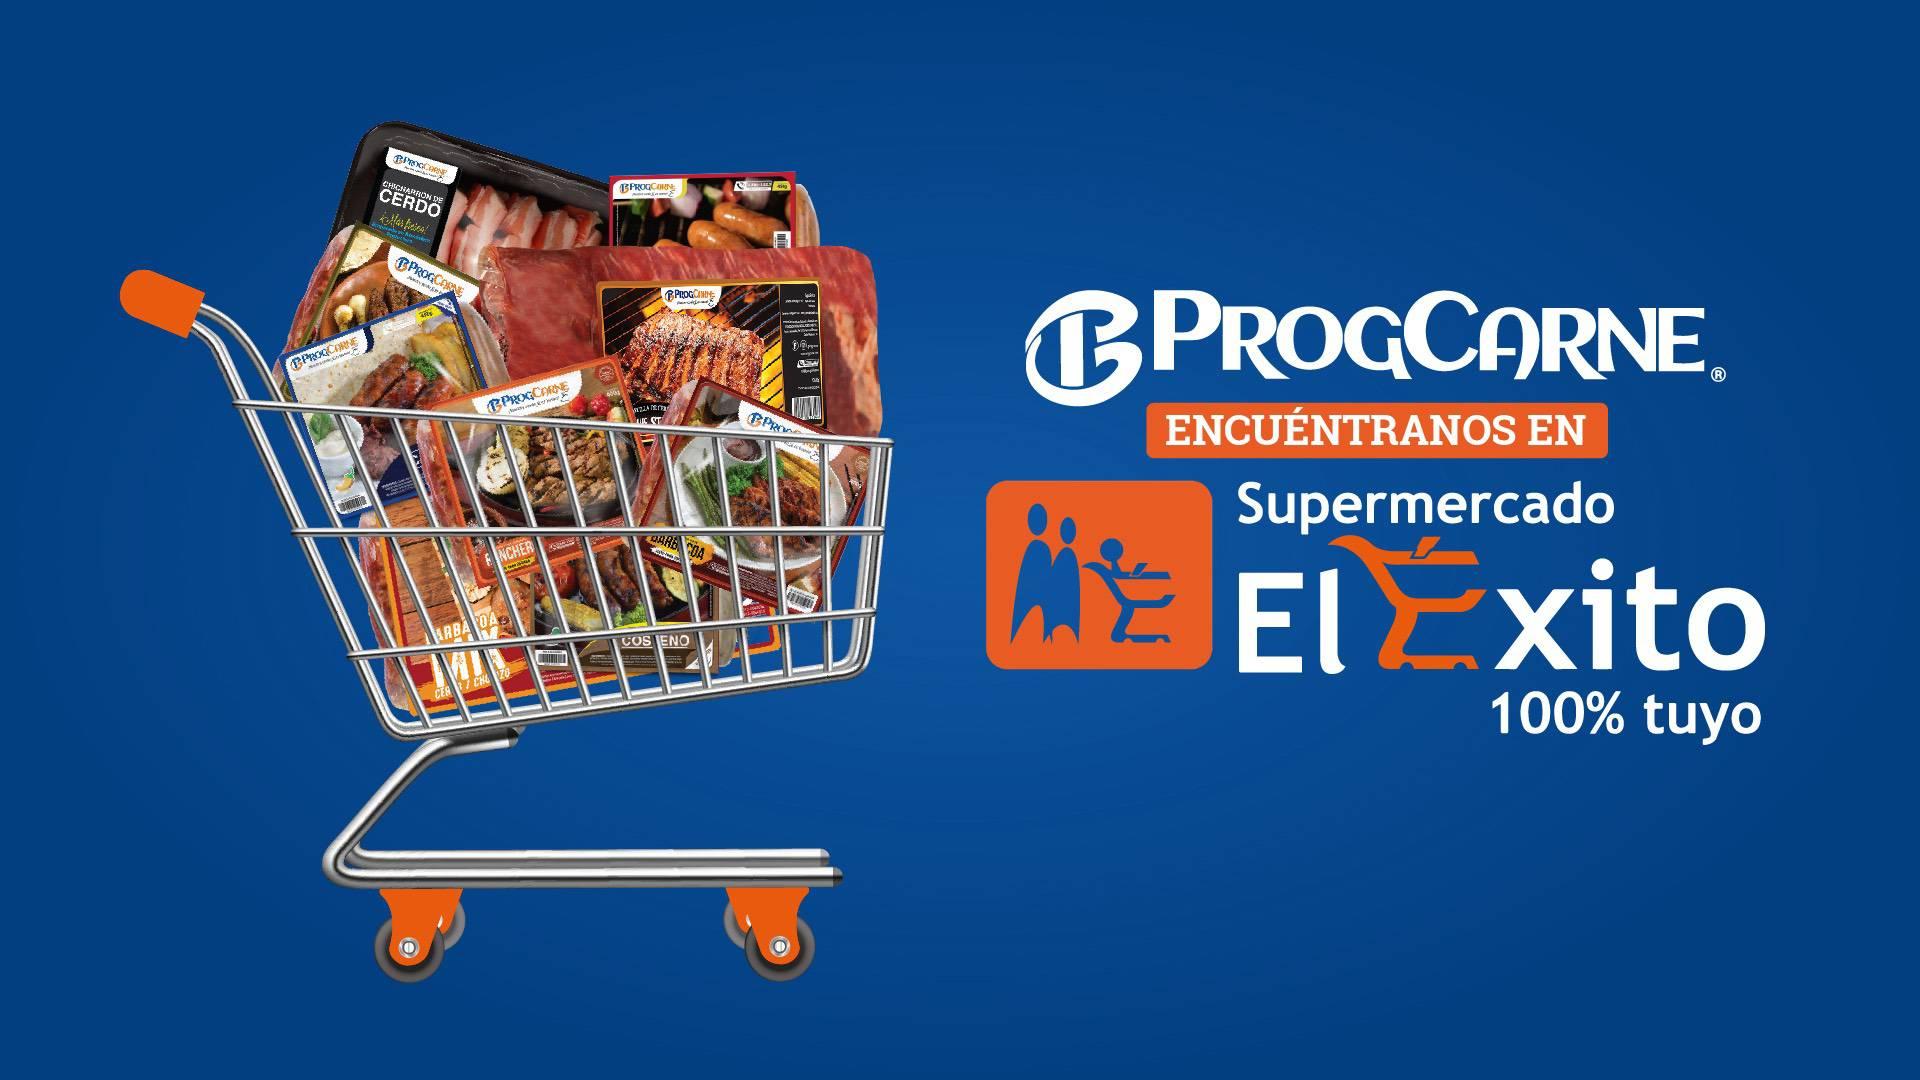 ProgCarne llegó a Supermercado El Éxito